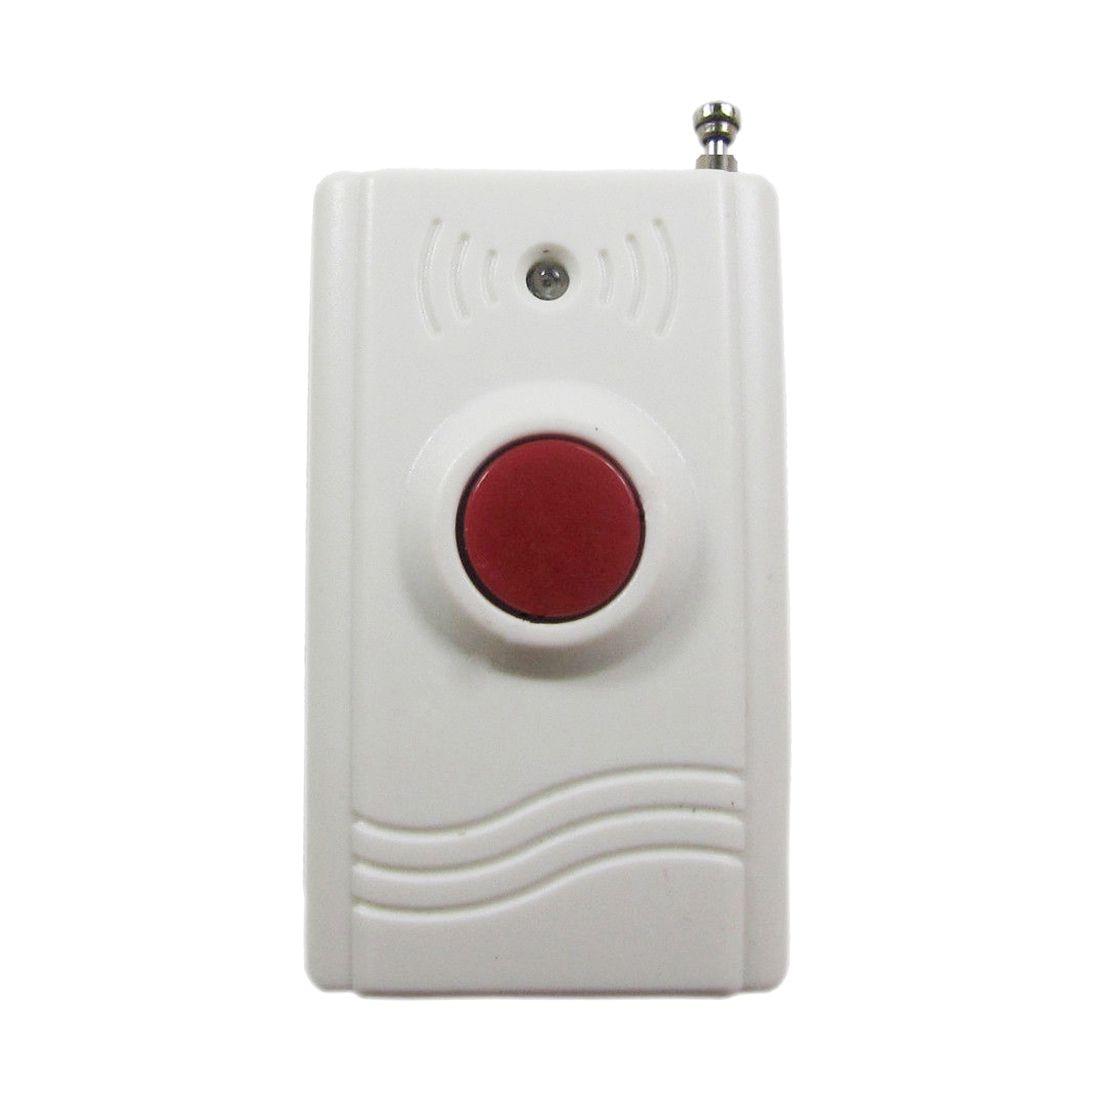 Z10 Wireless Emergency Panic Button 315MHz for My Home Alarm Security SystemZ10 Wireless Emergency Panic Button 315MHz for My Home Alarm Security System